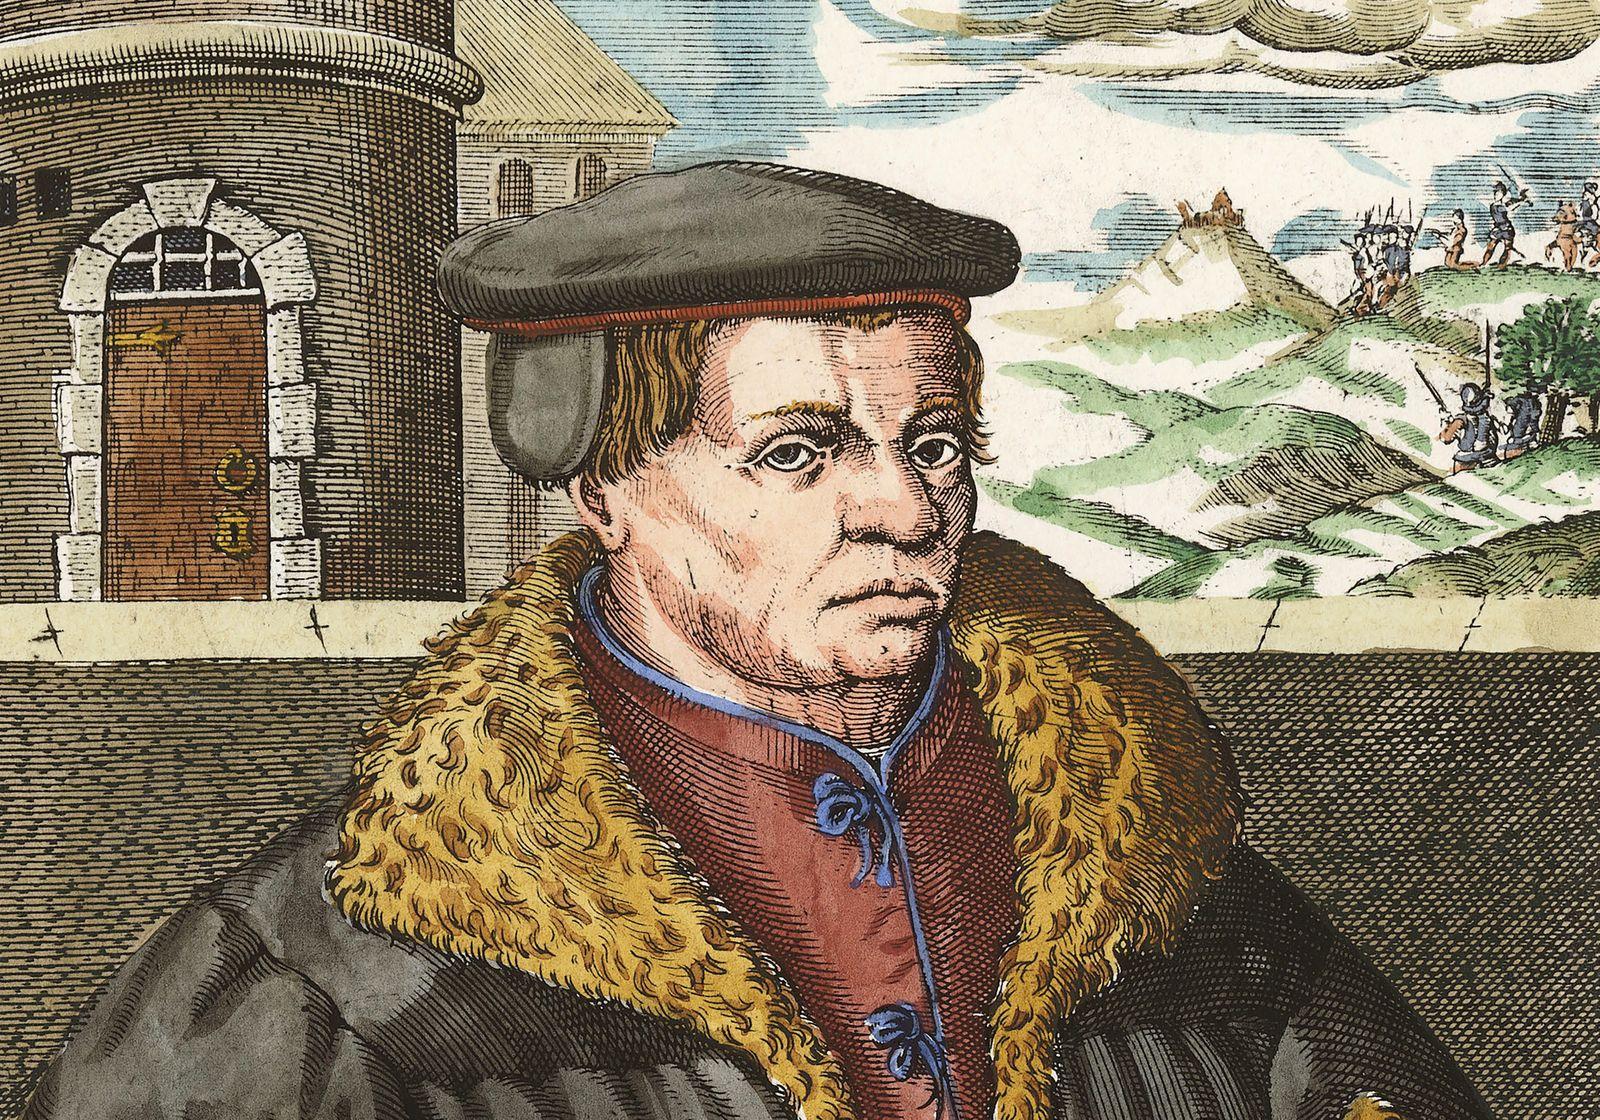 Thomas Muentzer/Portraet, Chr. van Sichem - Thomas Muentzer /Engr.by van Sichem/ 1608 - Thomas Muenzer/Portrait/Chr. van Sichem